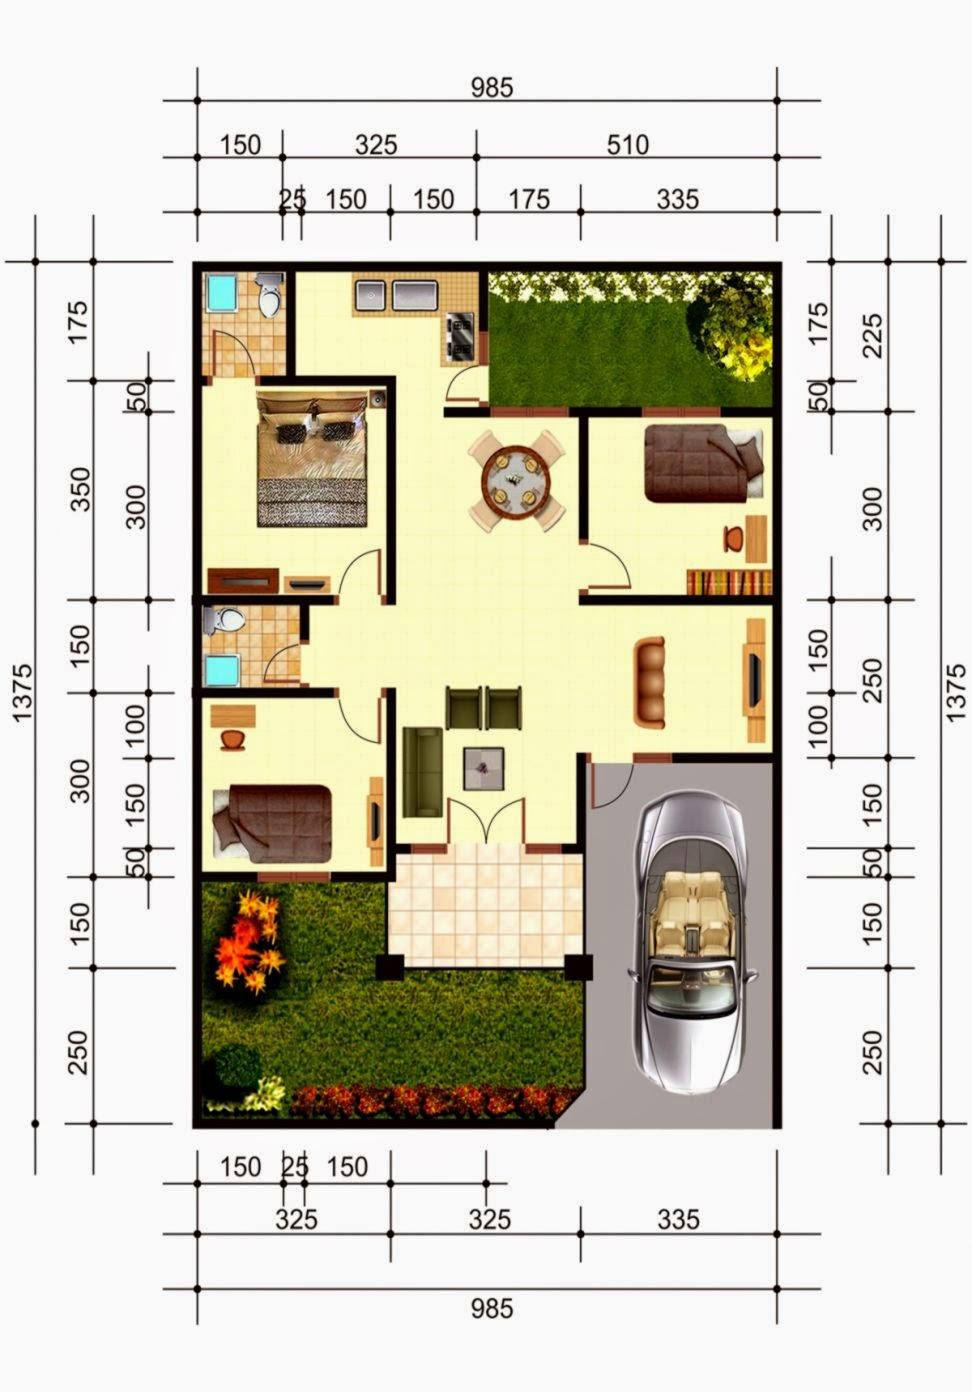 61 Desain Rumah Minimalis Model Jepang Desain Rumah Minimalis Terbaru